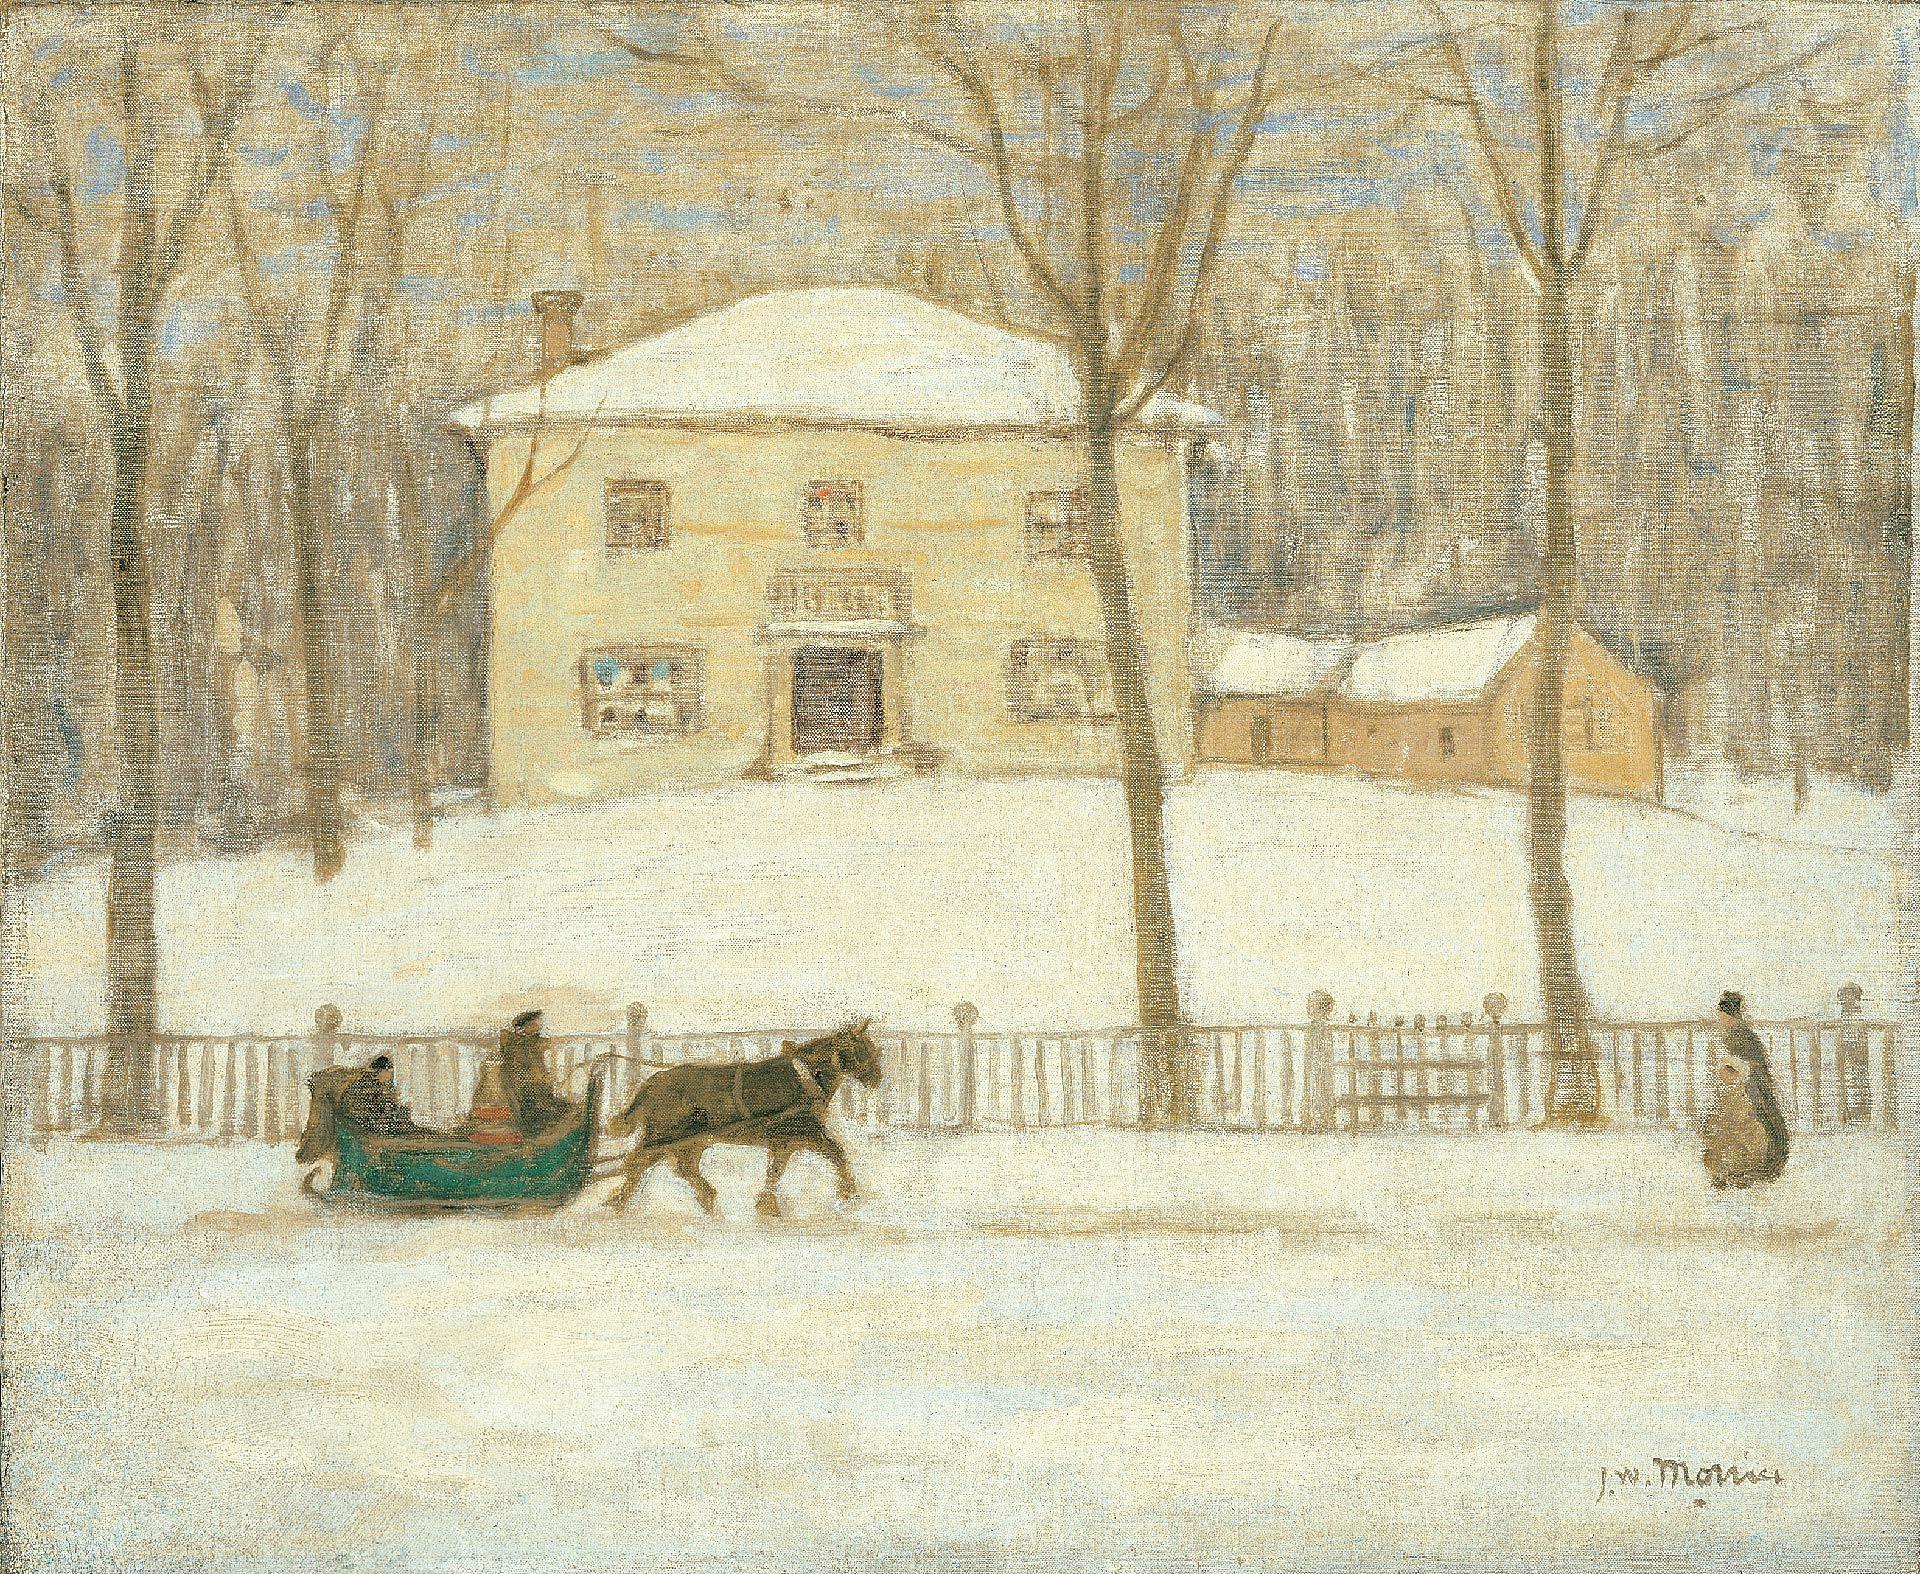 Peinture de la maison holton en hiver